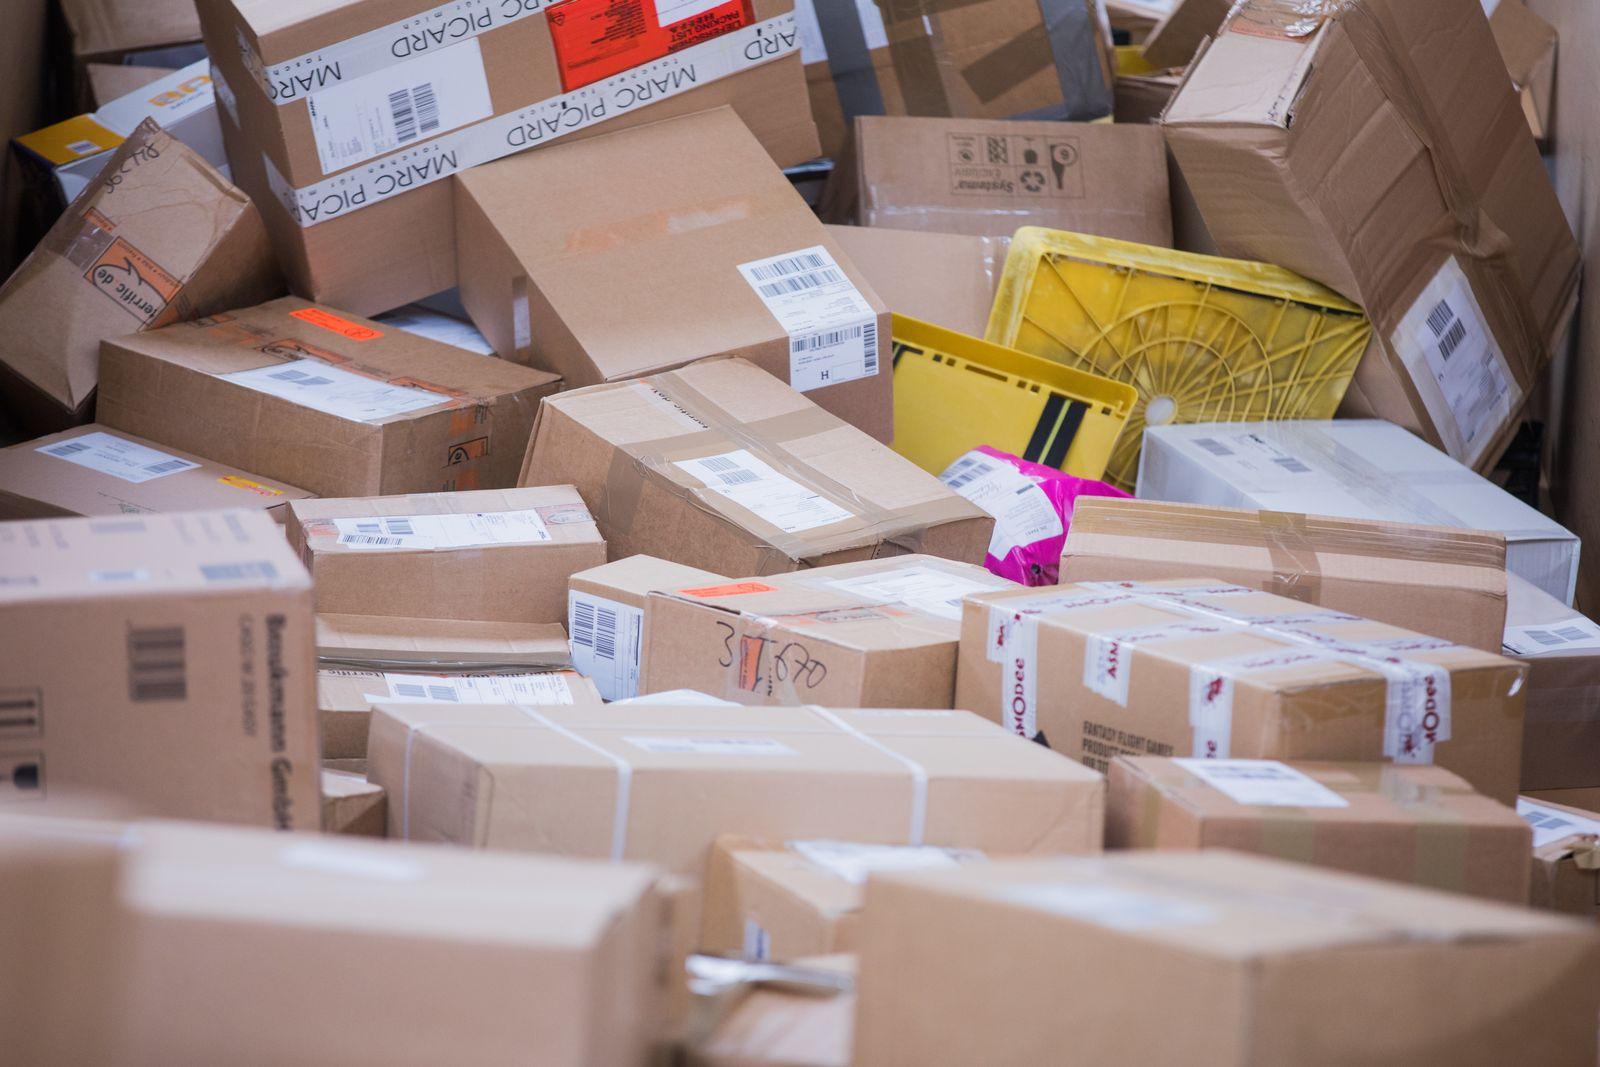 Post-Paketdienst / Pakete Post